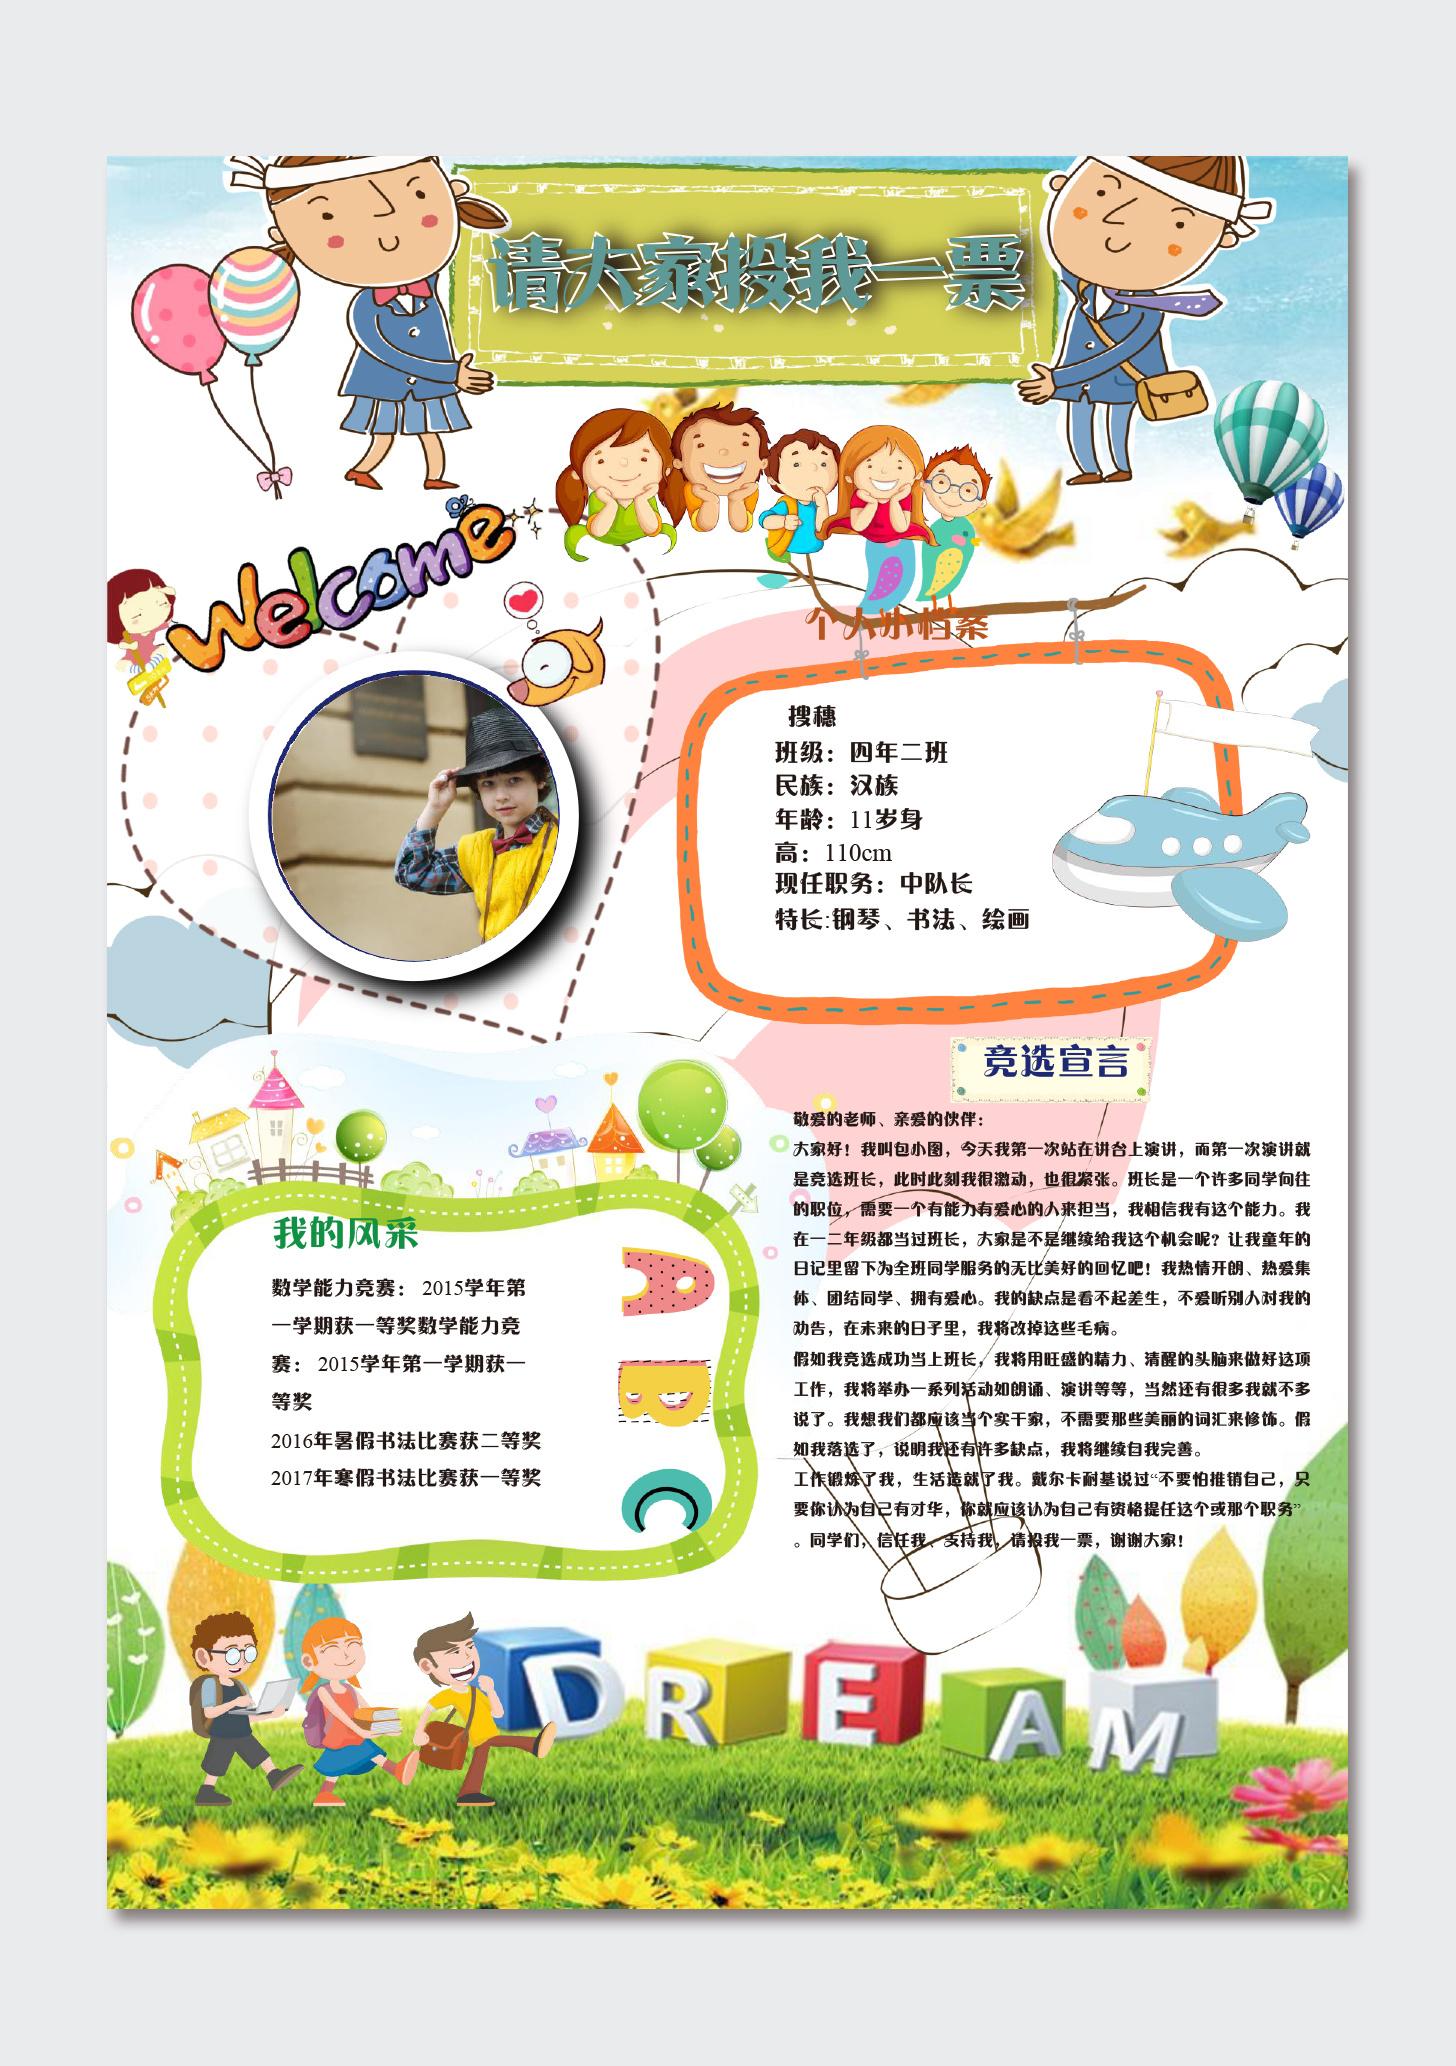 170可爱风大队委员班干部竞选海报word模板